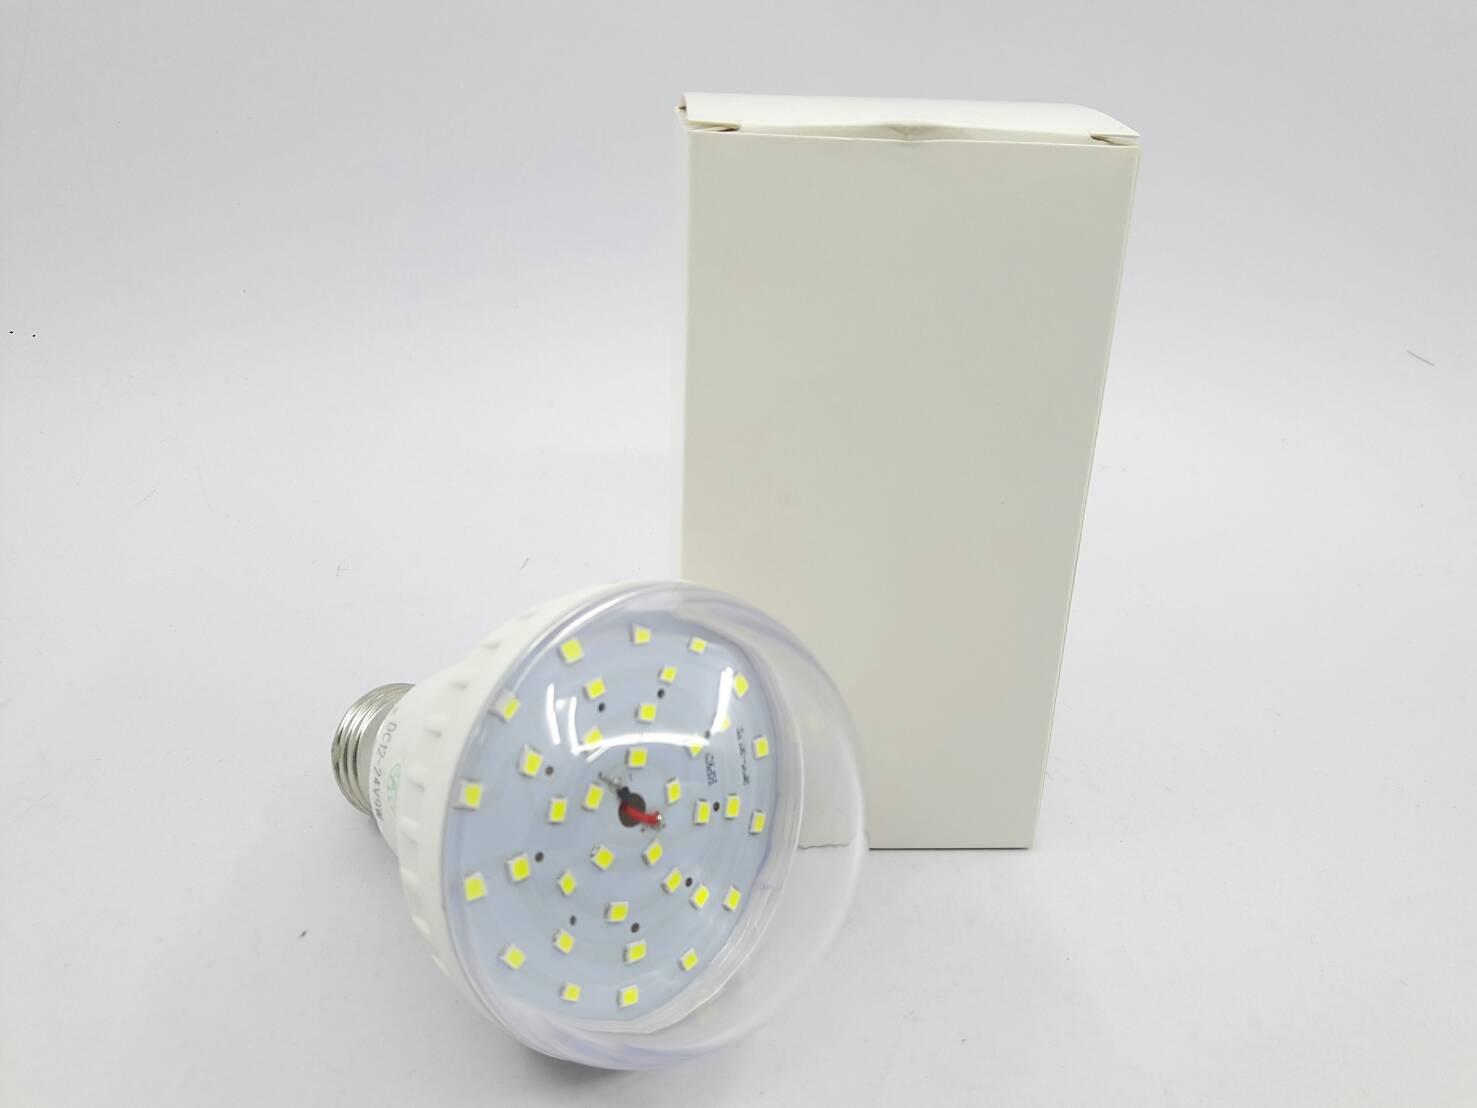 หลอดไฟ LED Bulb White 9W 12V/24V(สีขาว)